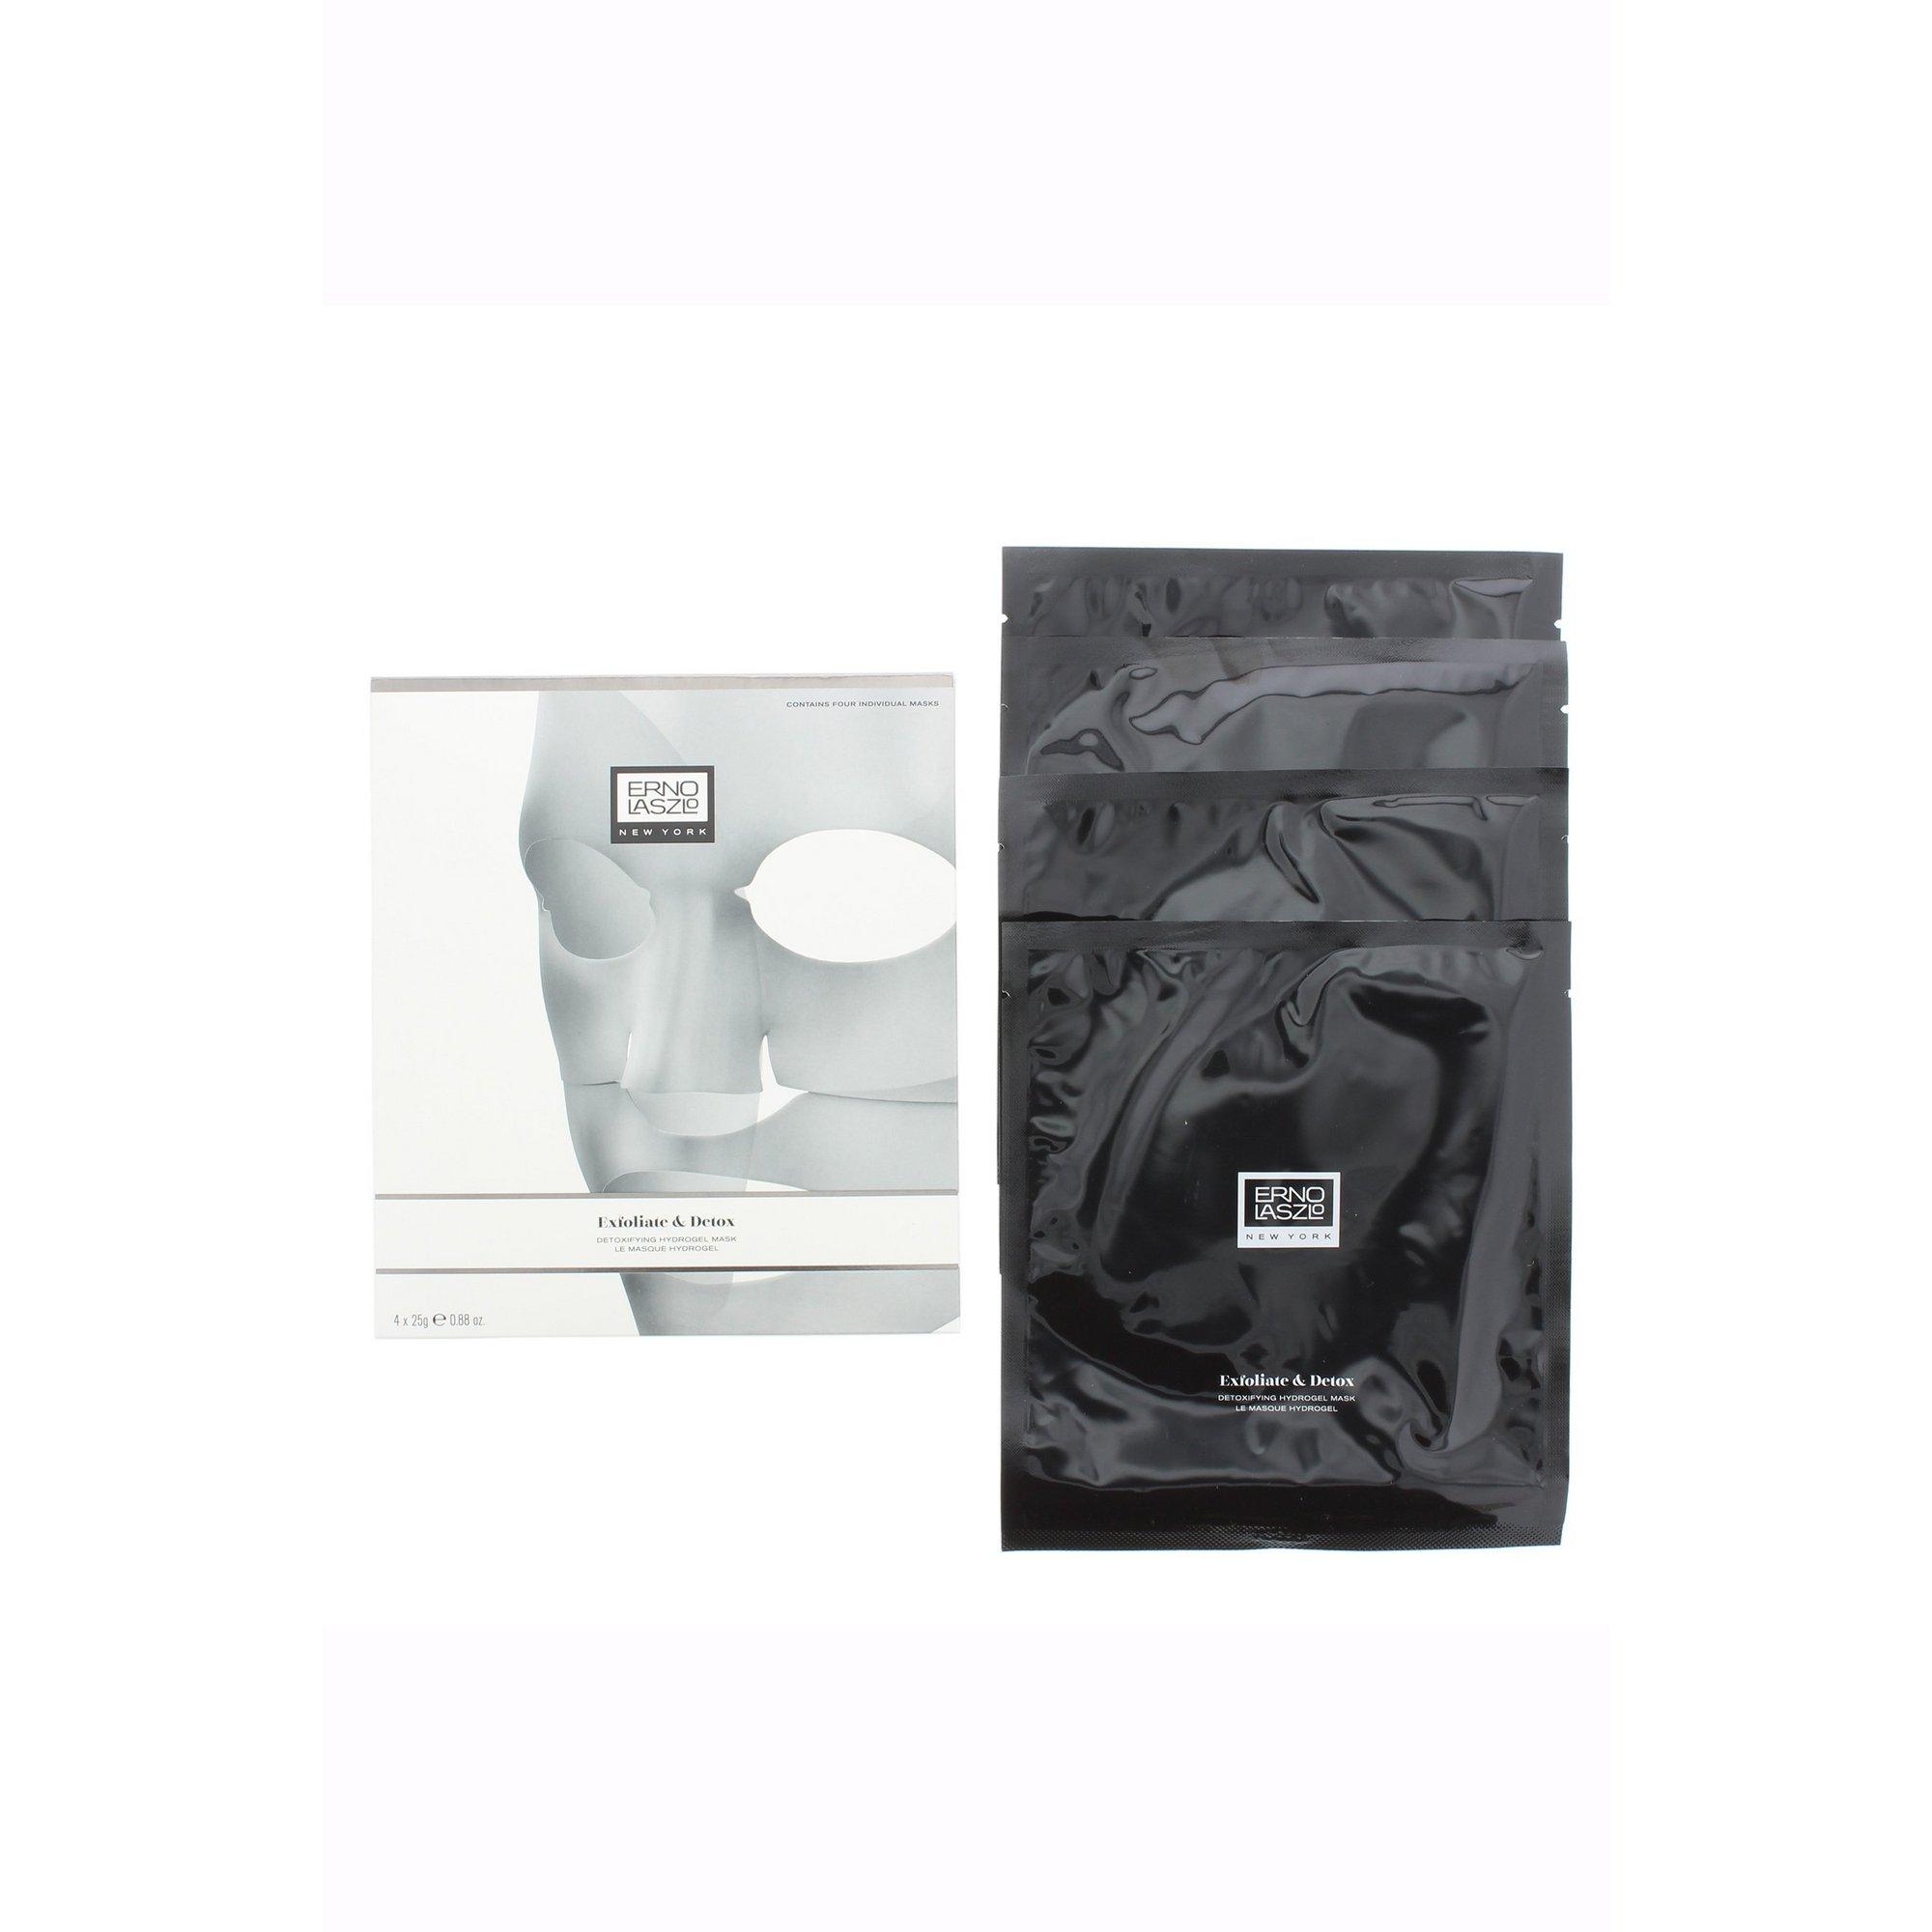 Image of Erno Laszlo Pack of 4 Detoxifying Hydrogel Sheet Masks